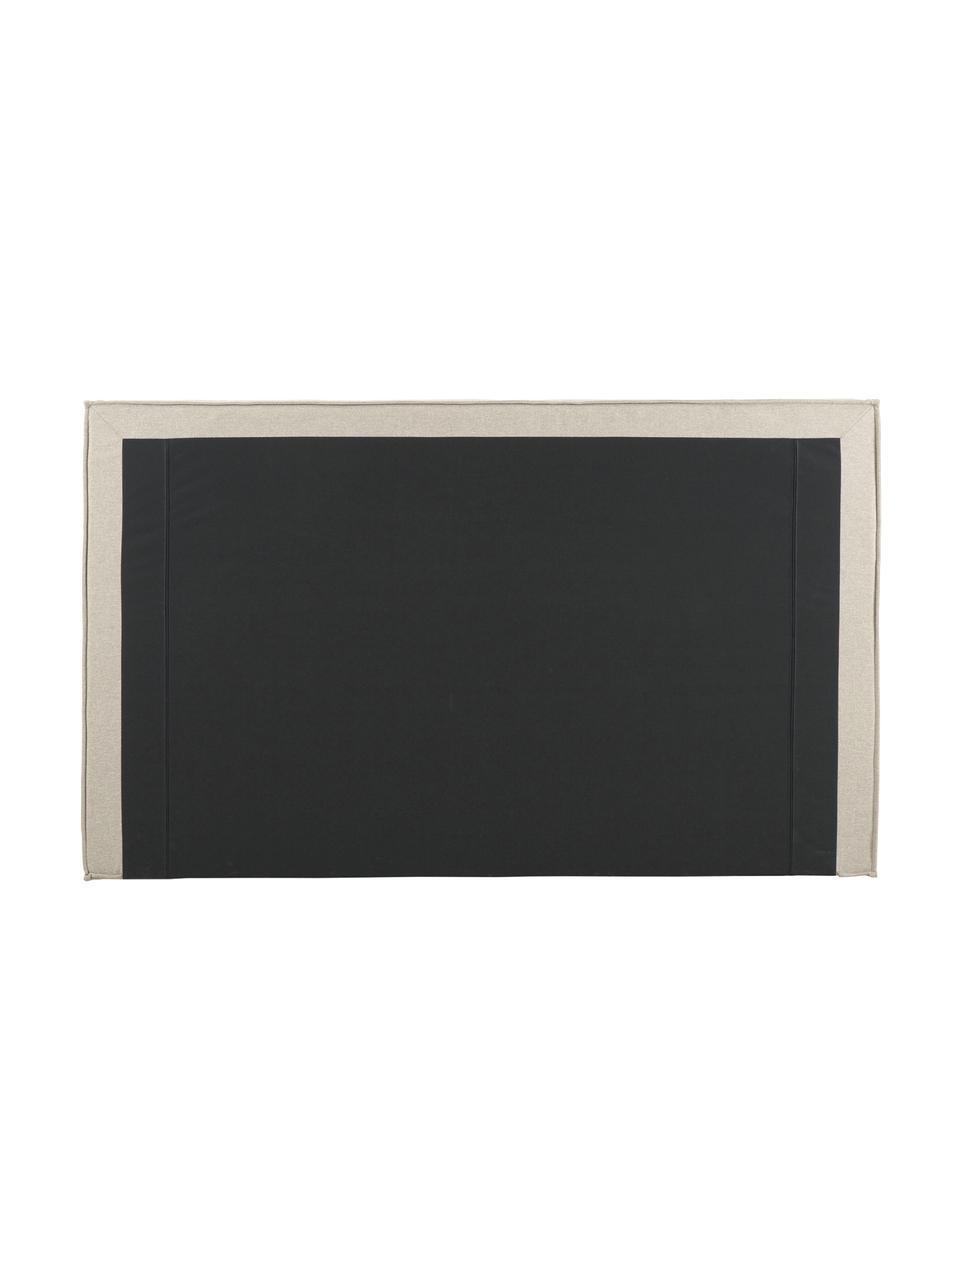 Letto imbottito in tessuto beige scuro con contenitore Dream, Rivestimento: 100% poliestere Il rivest, Tessuto taupe, 180 x 200 cm